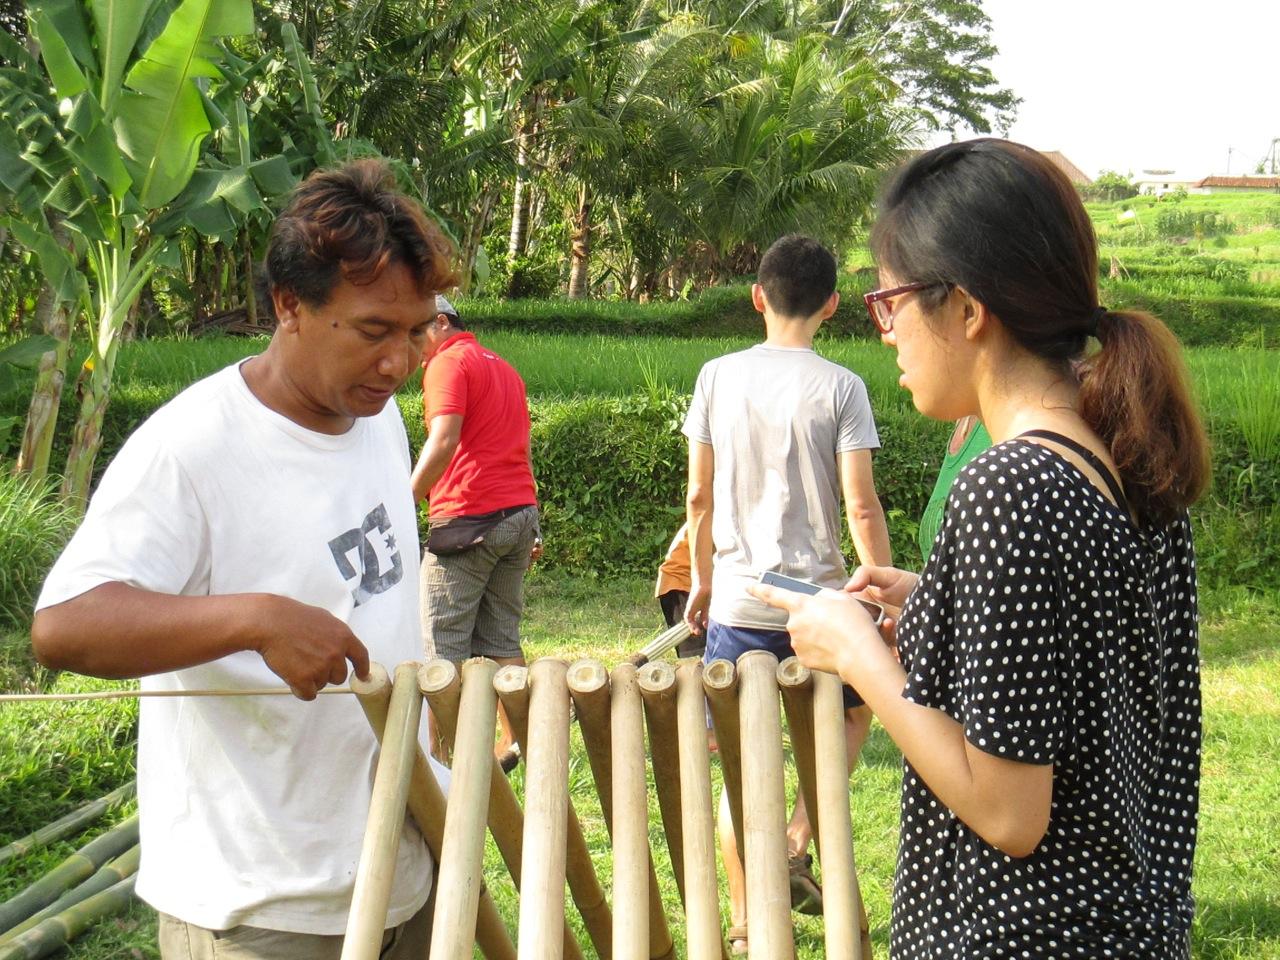 Explaining construction methods